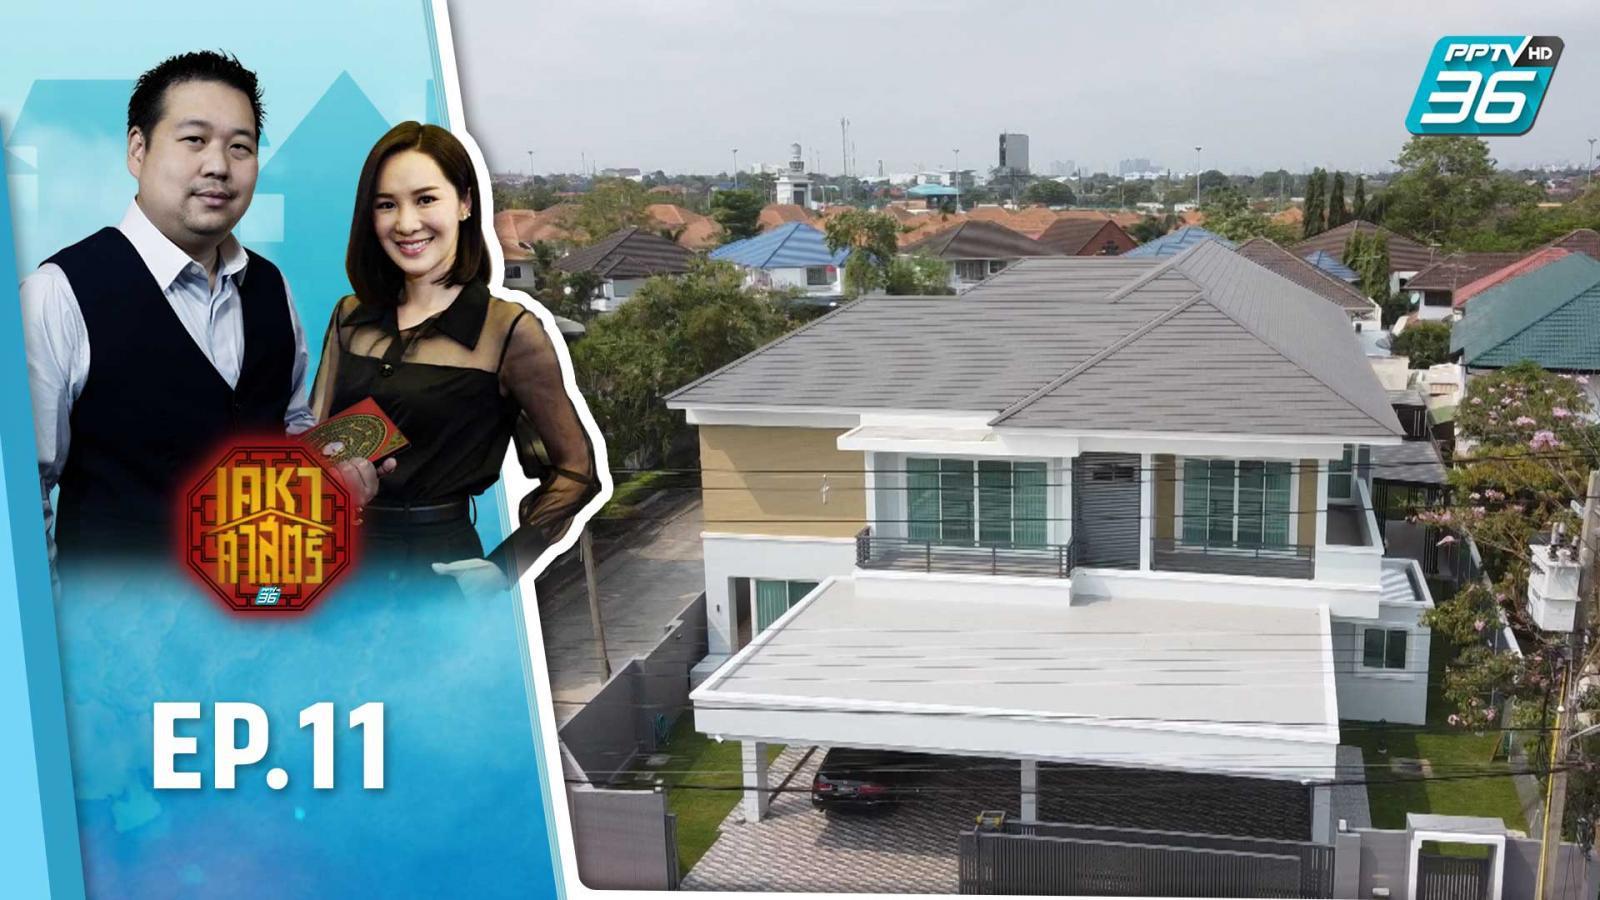 เคหาศาสตร์ EP.11  | เปิดบ้านใหม่ของพระเอกตลอดกาล | PPTV HD 36